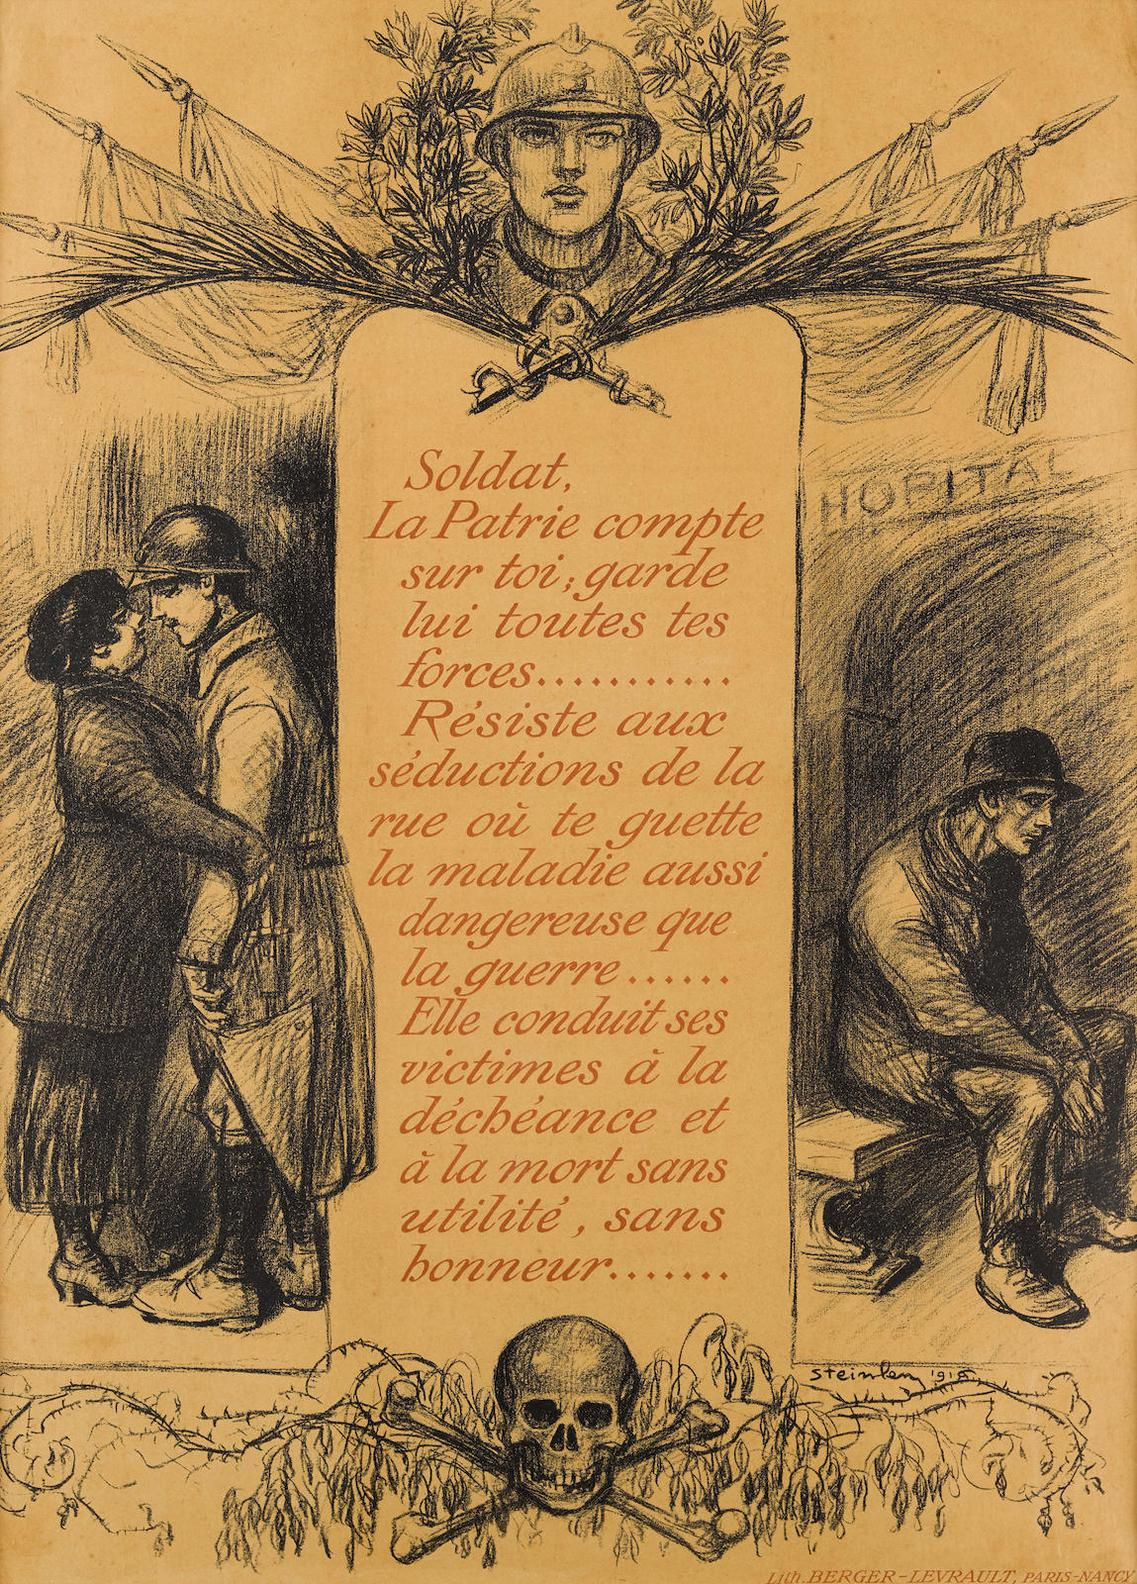 Theophile Alexandre Steinlen-Soldat, La Patrie Compte Sur Toi...-1916